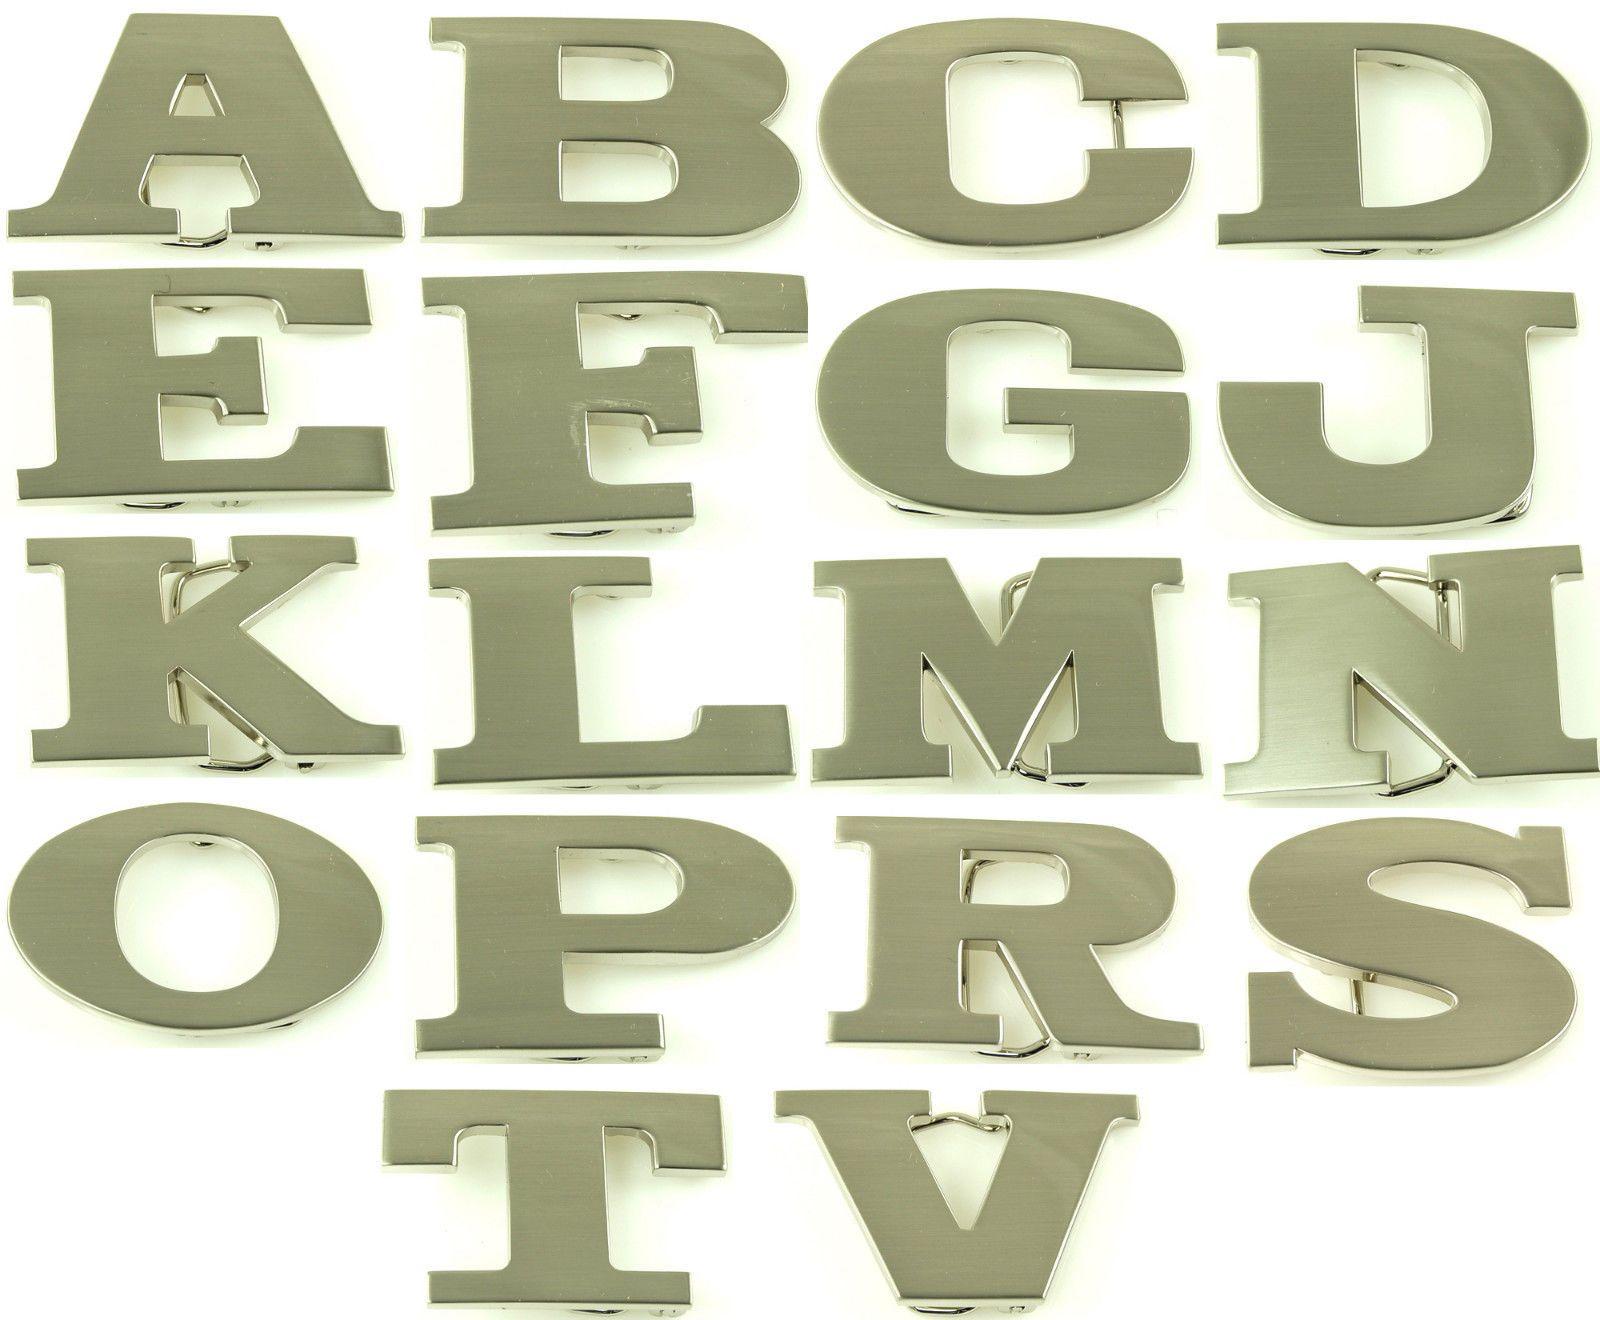 Alphabet Initial Metal Belt Buckles A B C D E F G J K L M N O P R S T V Ebay In 2021 Metal Belt Initials Belt Buckles